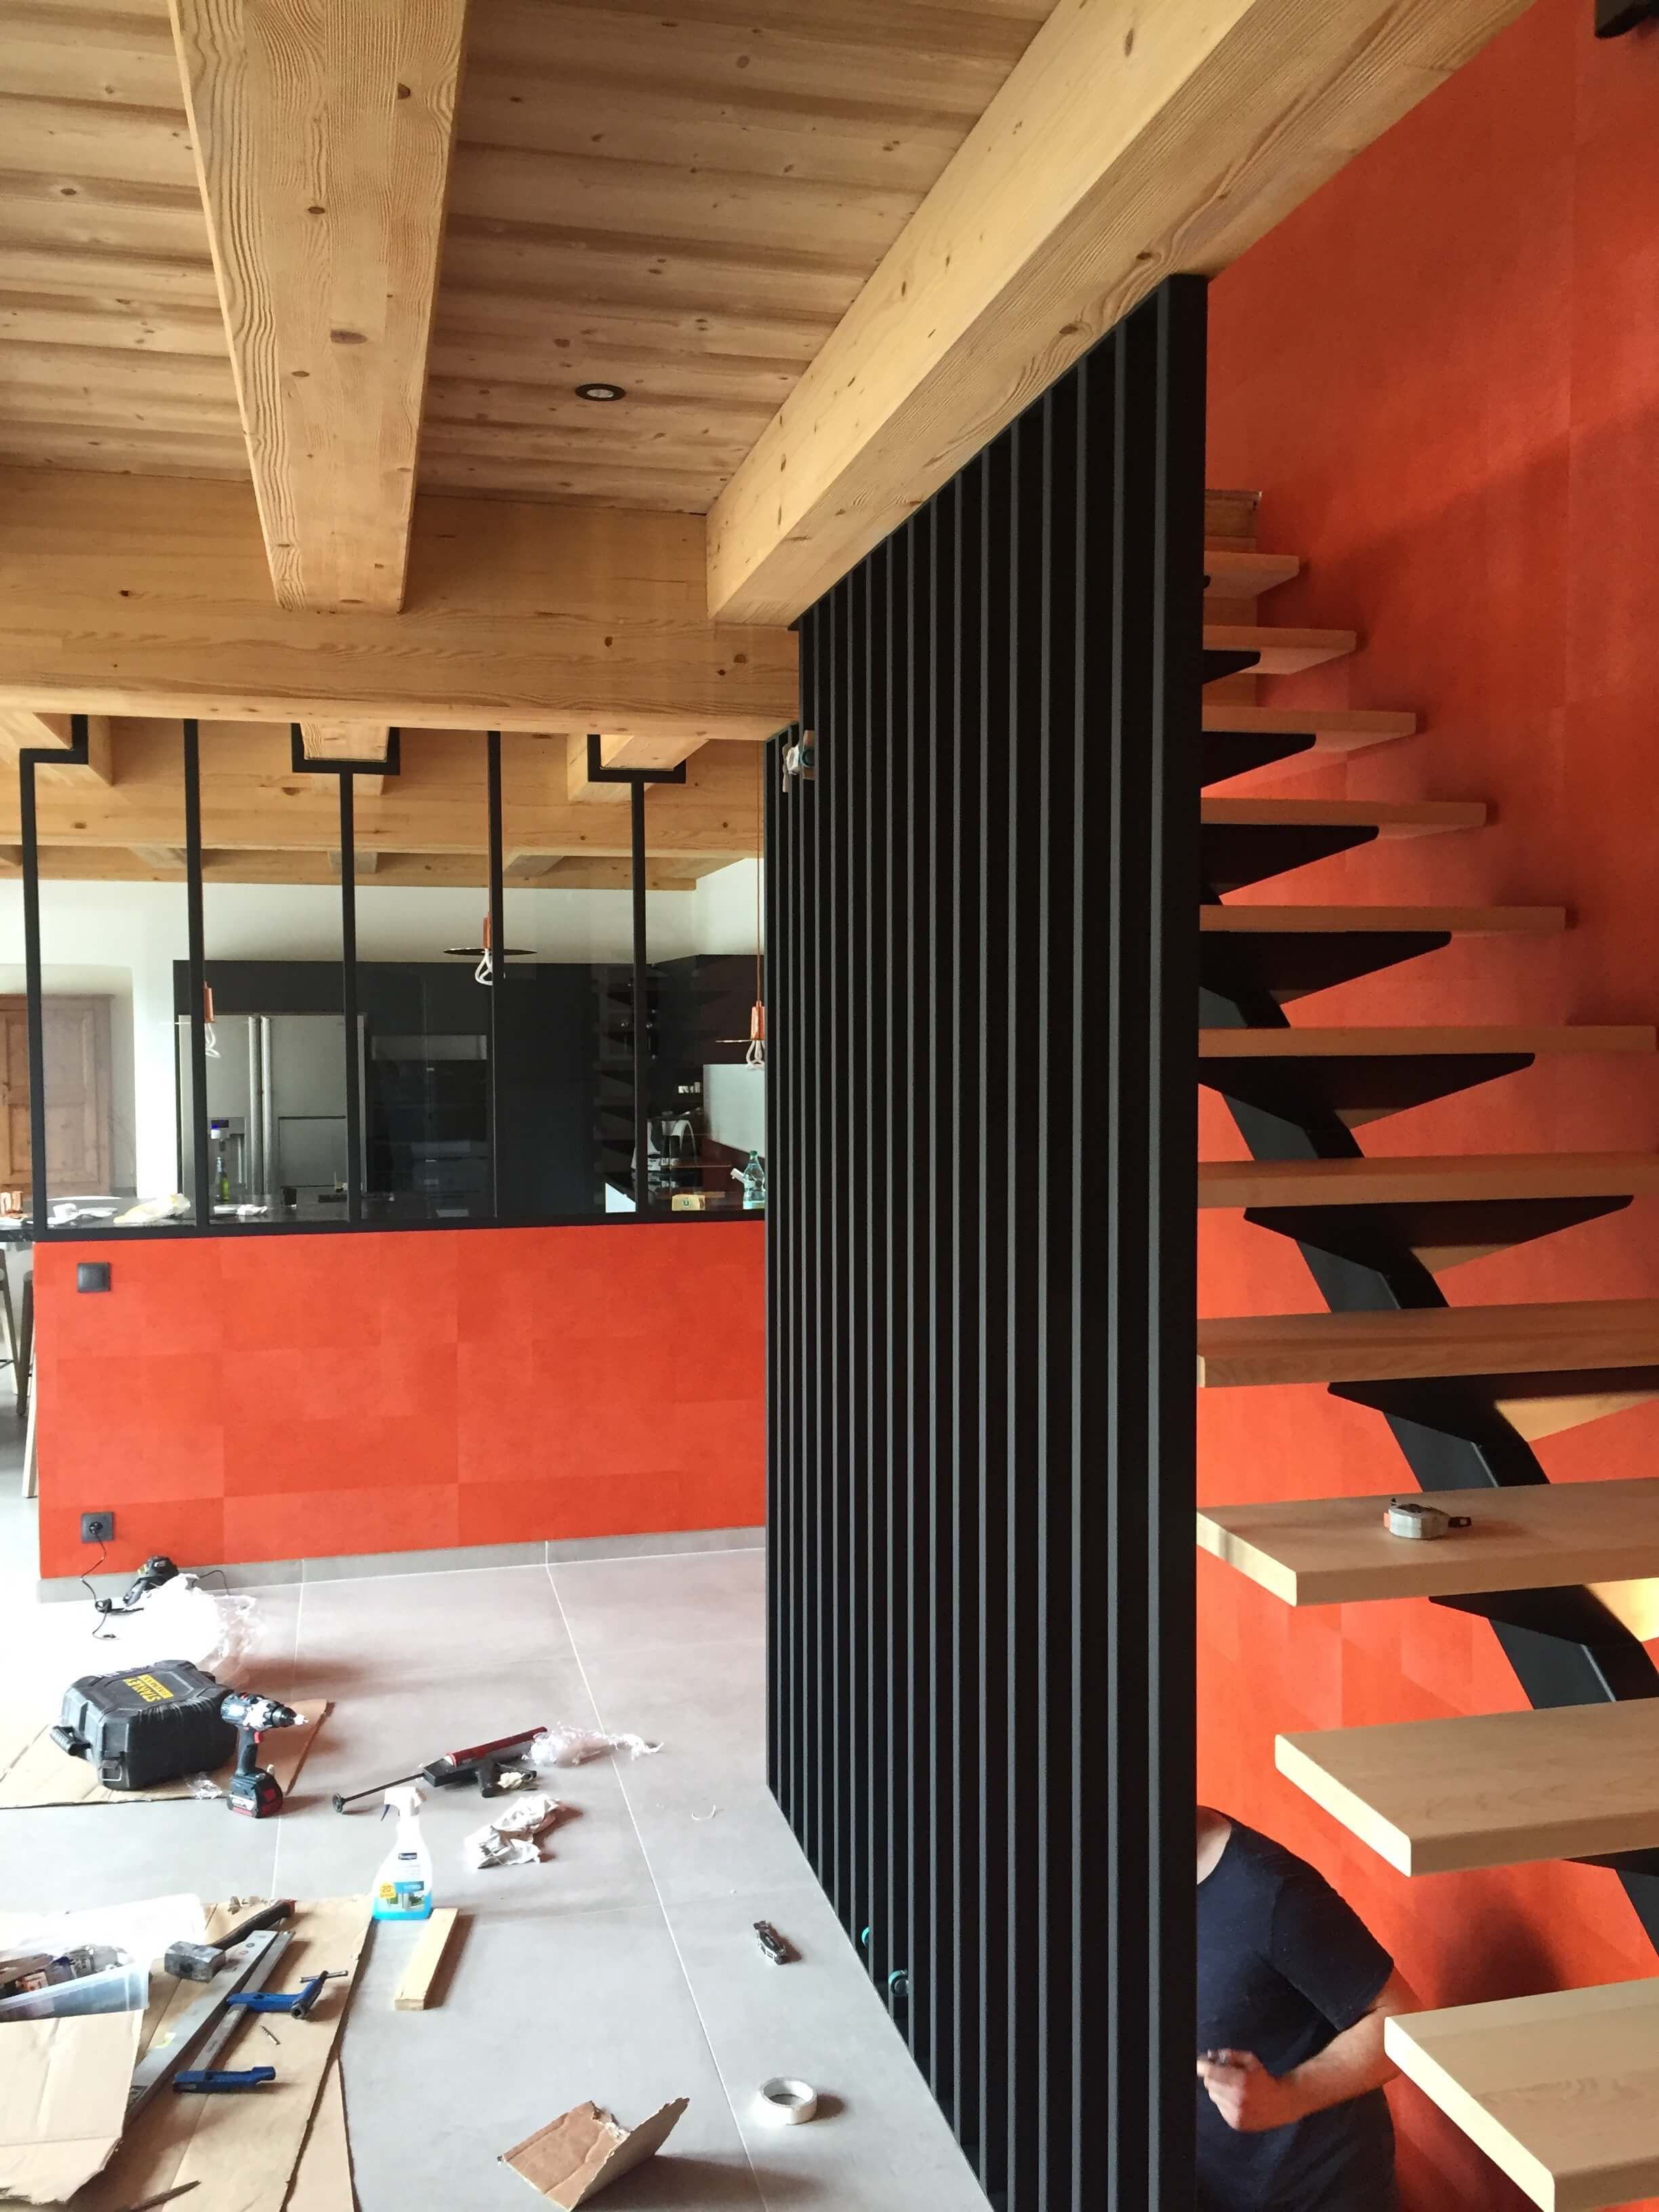 Robi design Métallique Annecy agencement intérieur verrière claustra Tarentaise 7314